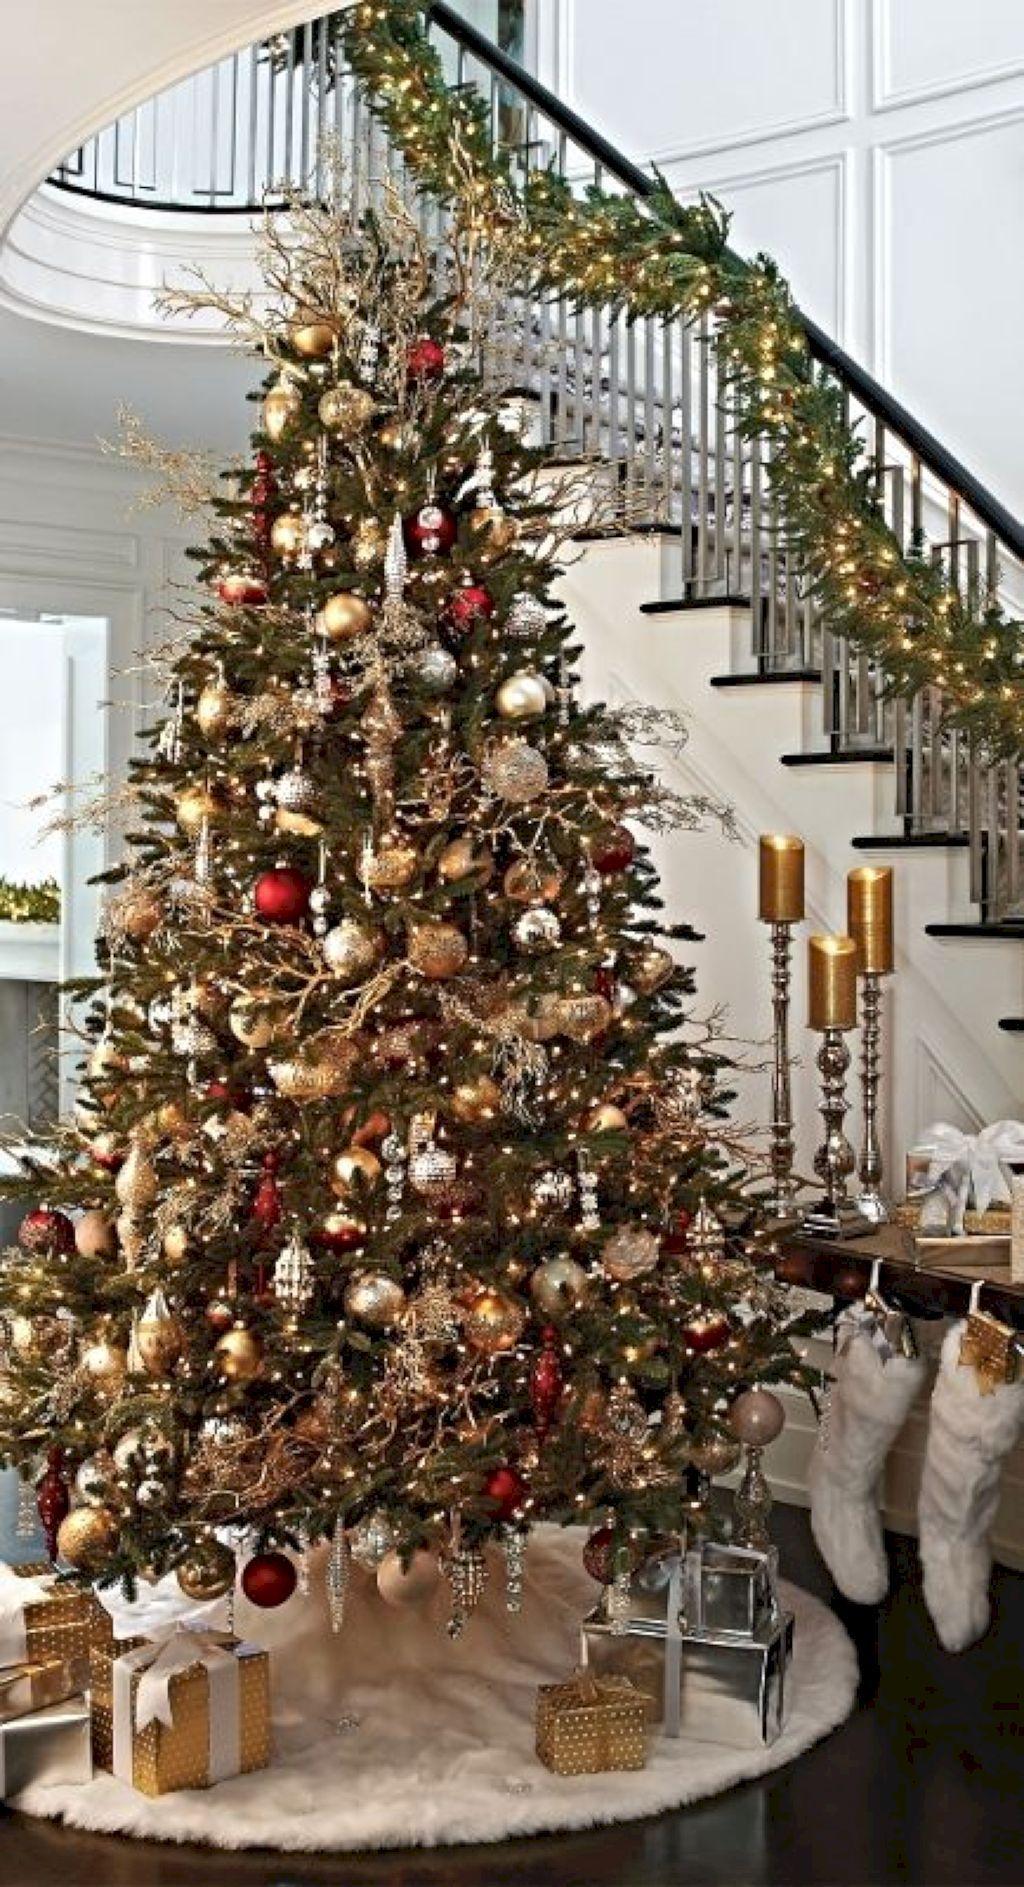 Christmas Image On We Heart It